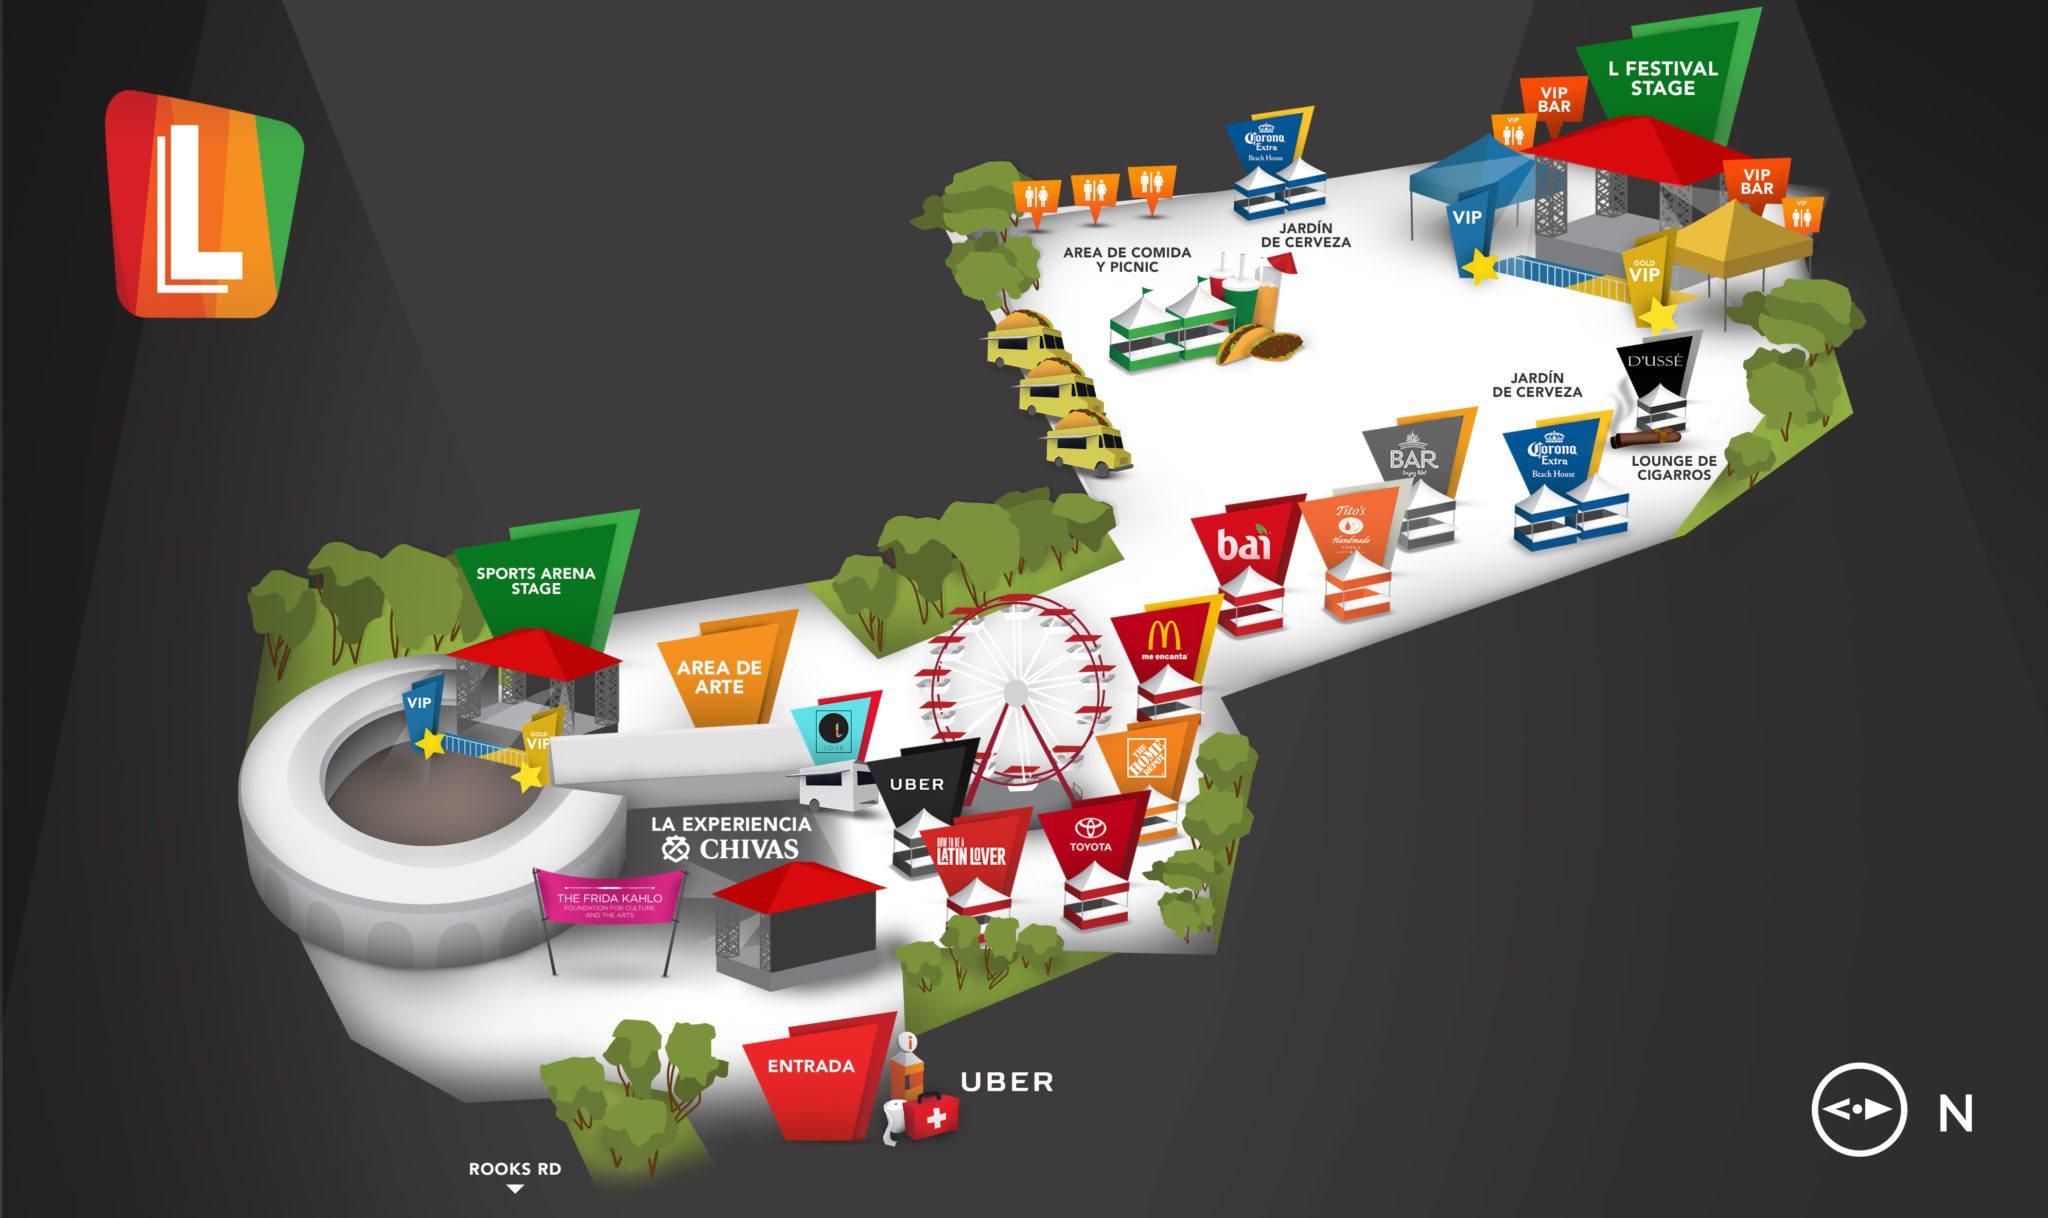 Mapa del LFestival - Horario de artistas y escenarios